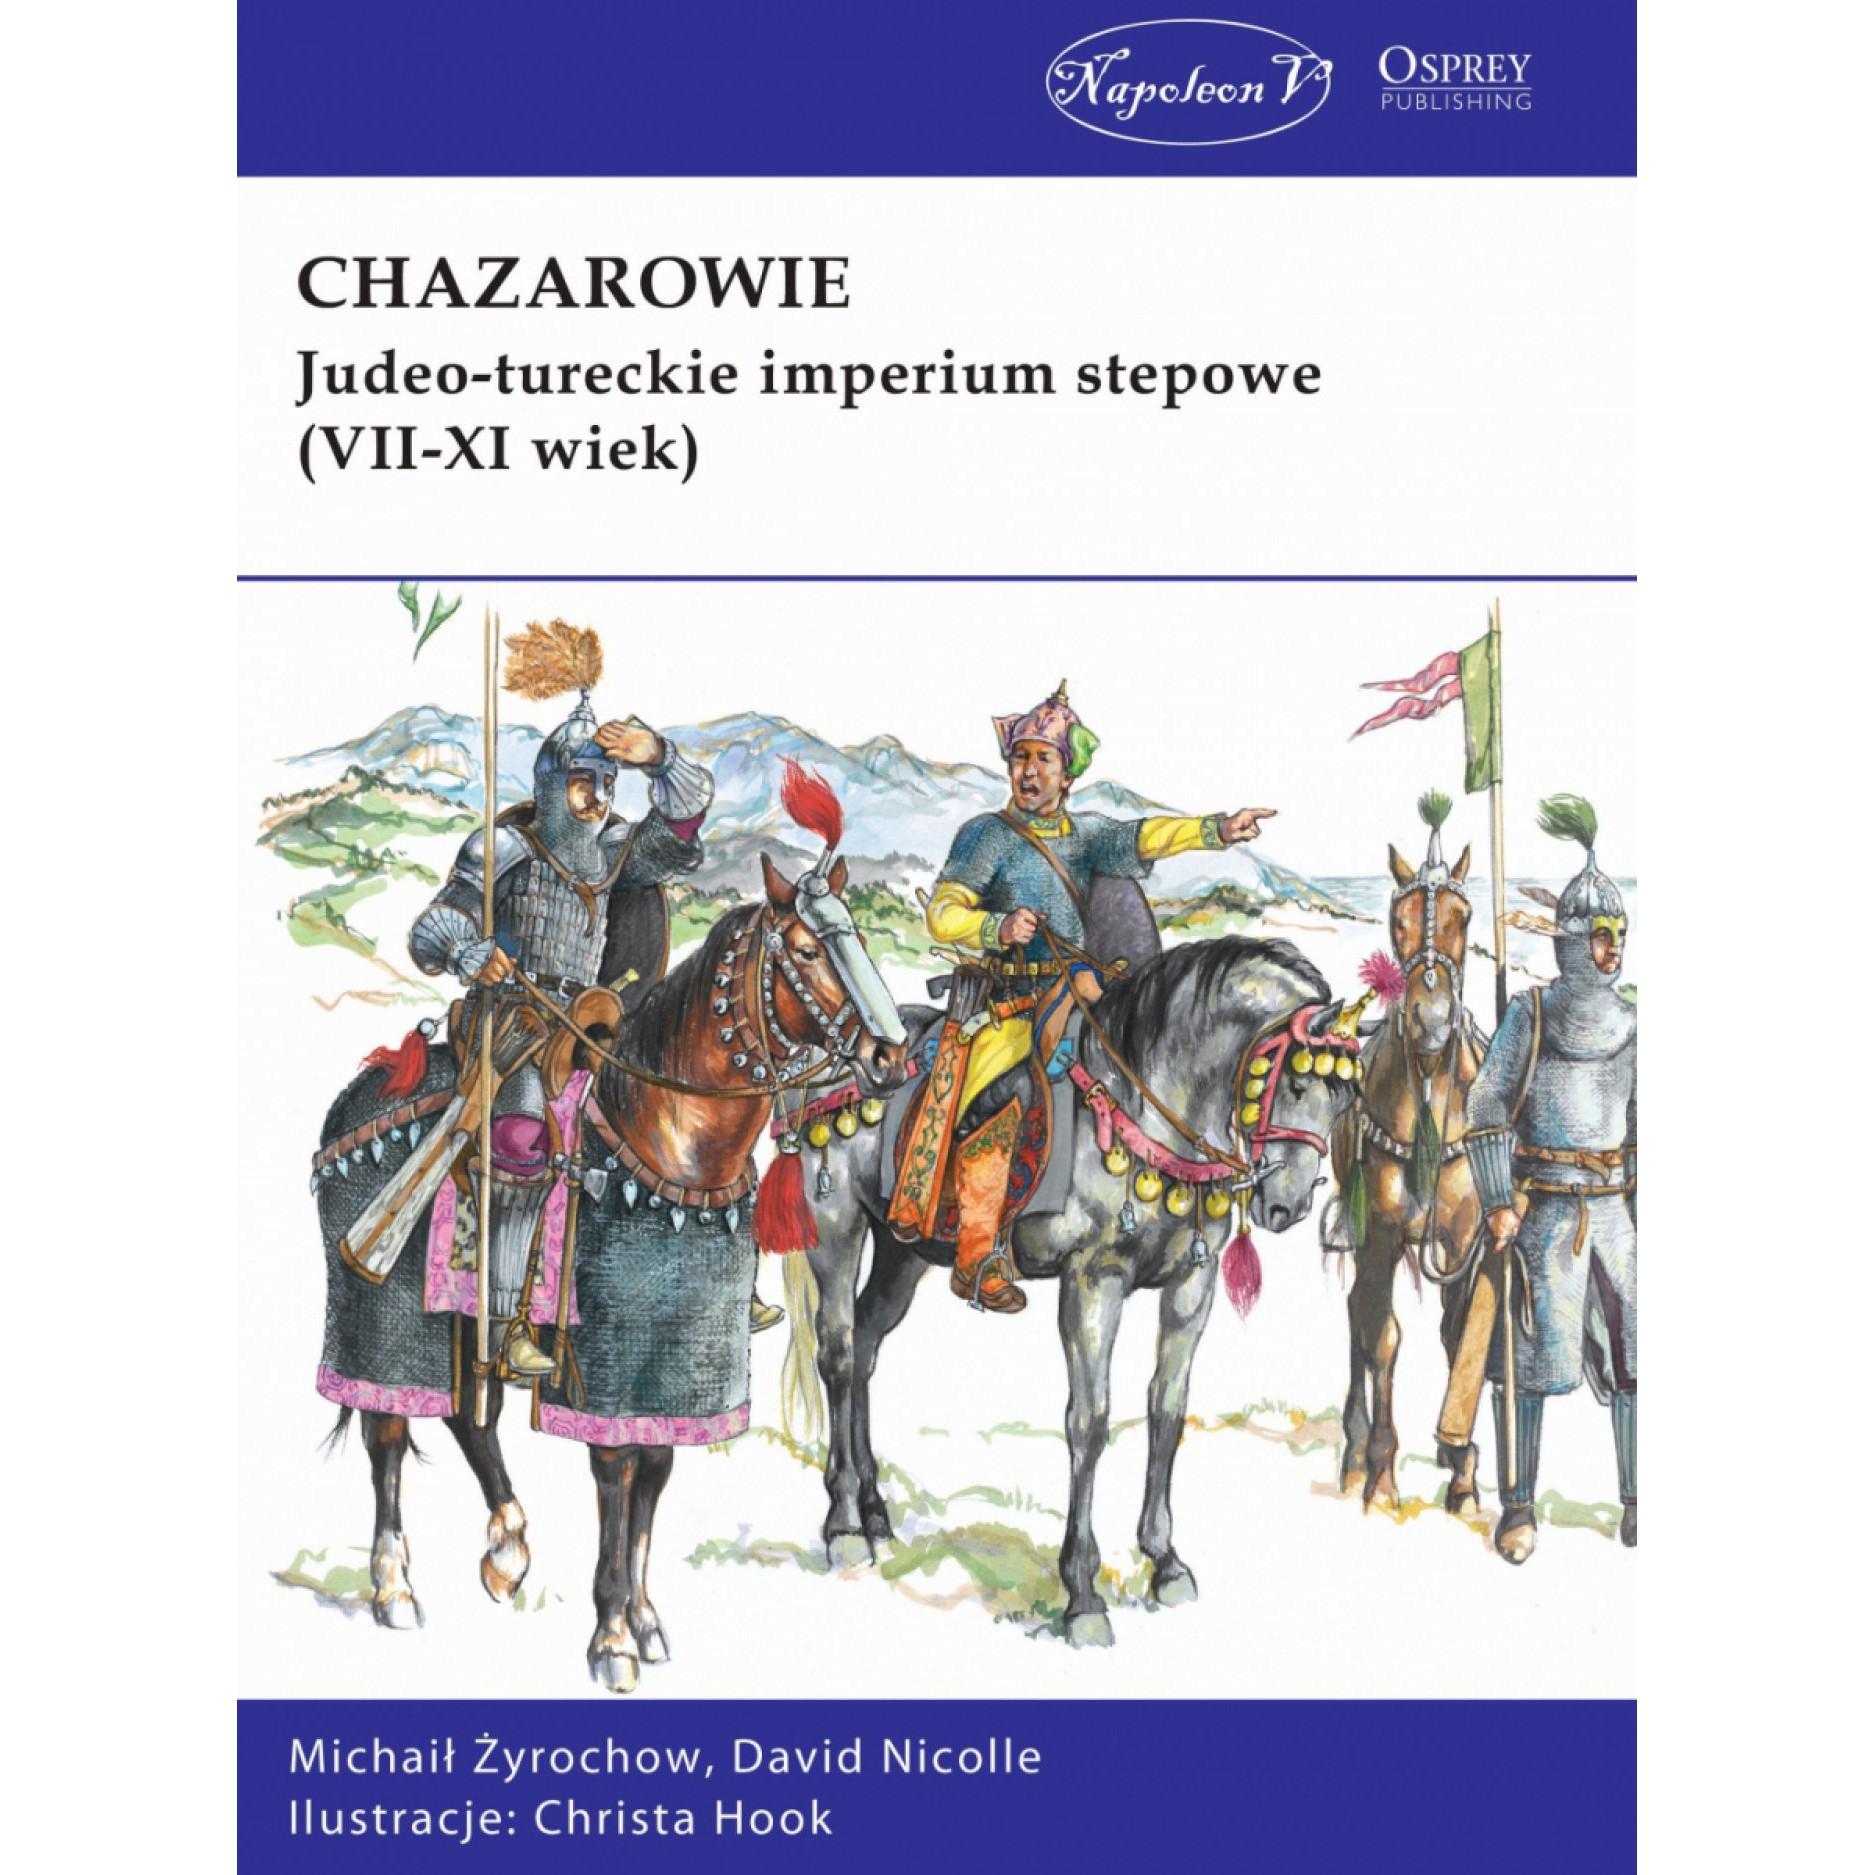 Chazarowie. Judeo-tureckie imperium stepowe (VII-XI wiek)